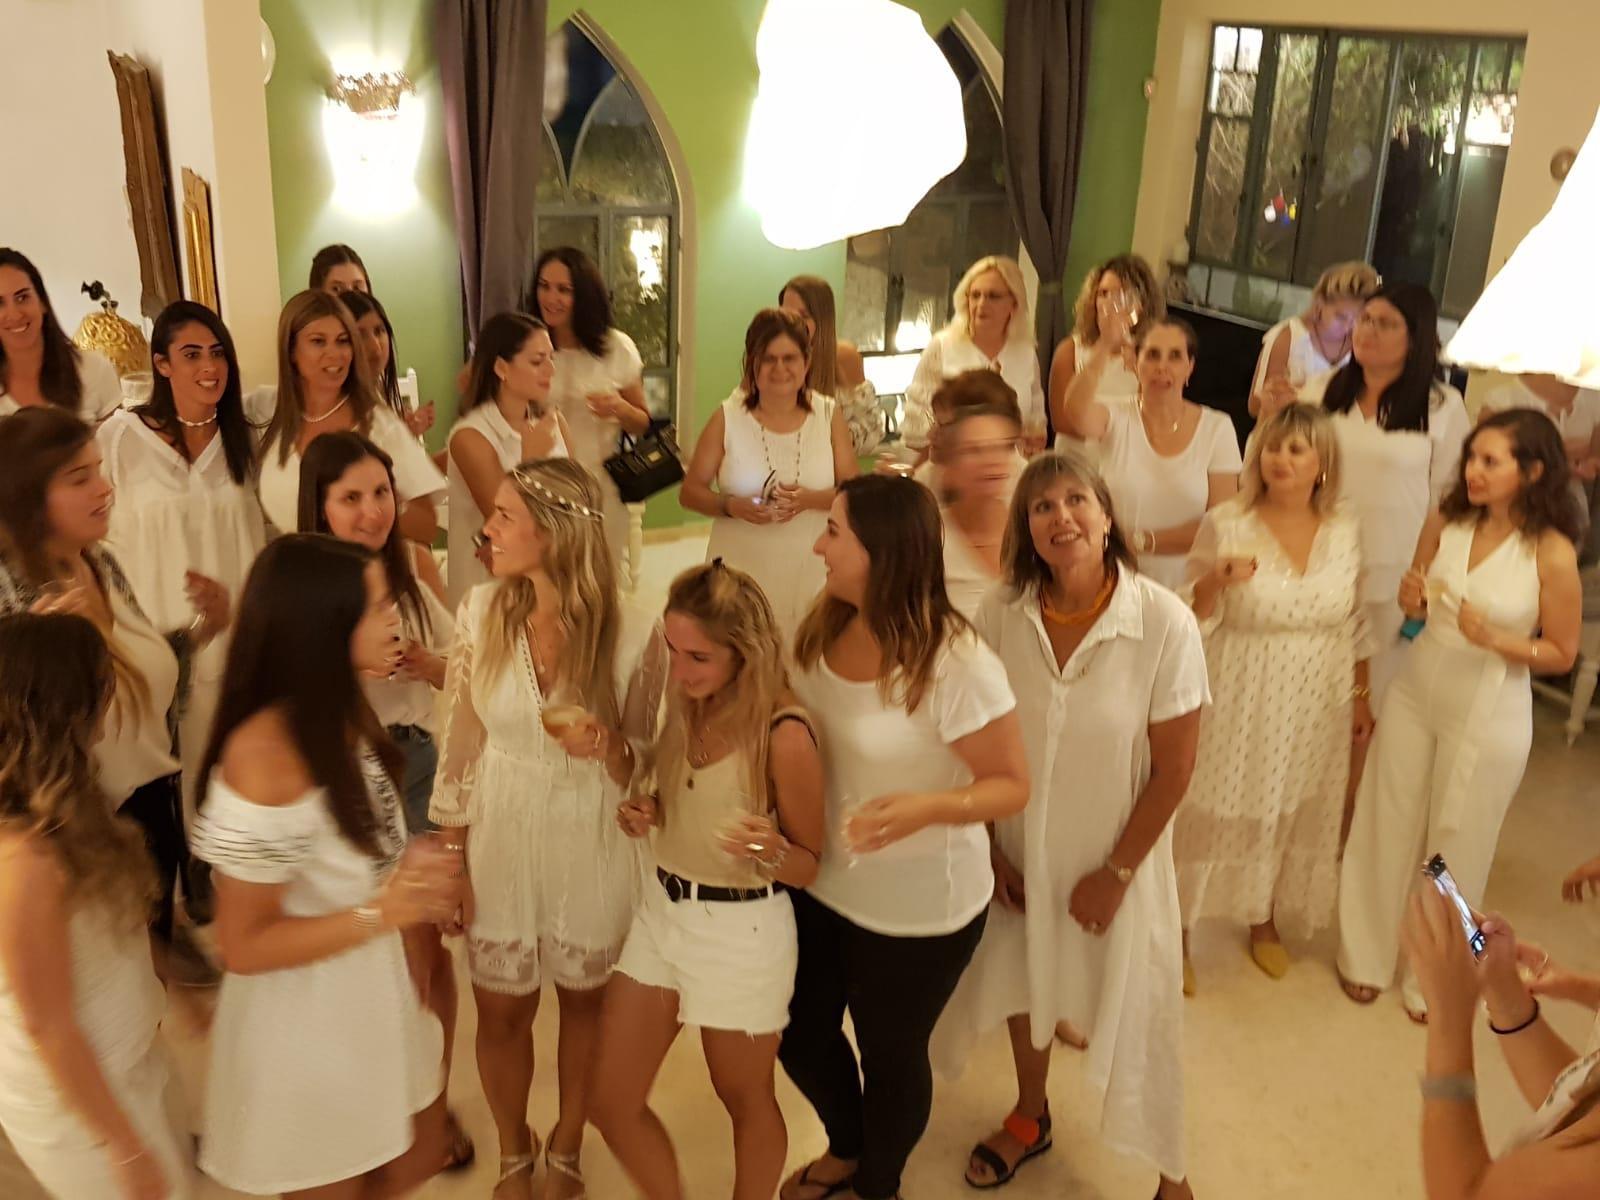 מסיבת מקווה עם מיה טולדנו הרקדנית